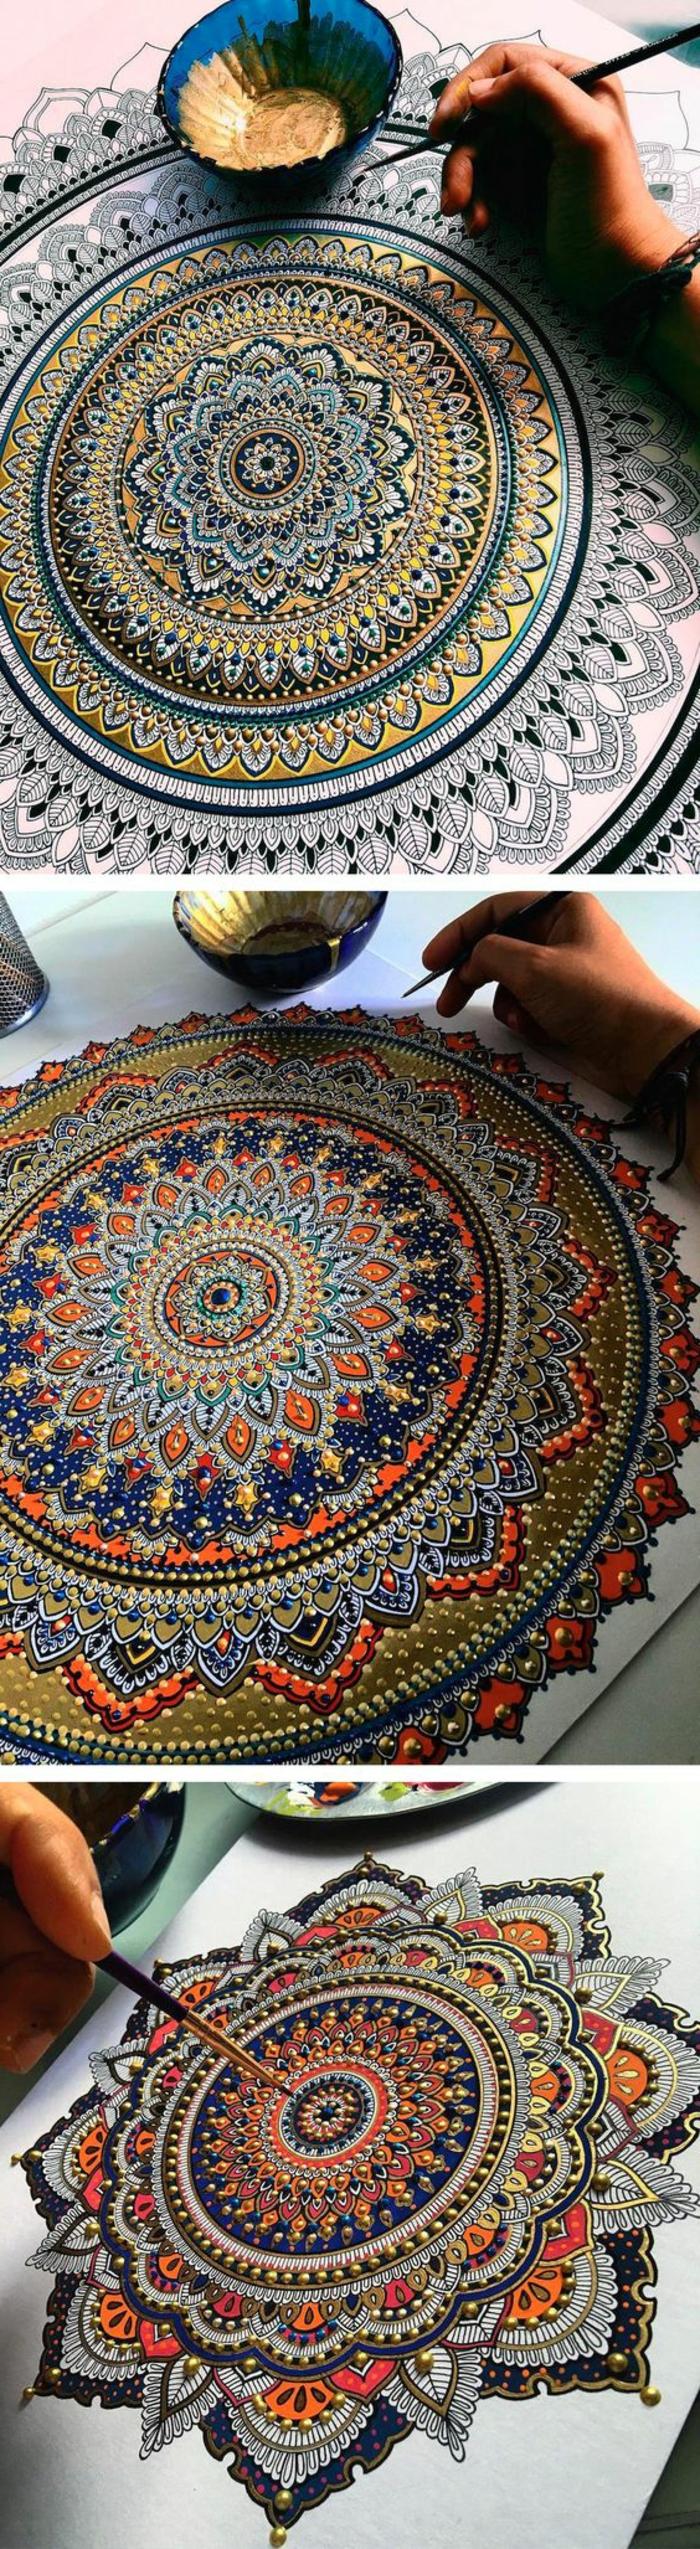 coloriage mandala, motifs floraux, pinceau, papier blanc, main, bol bleu, décoration dorée, aquarelle